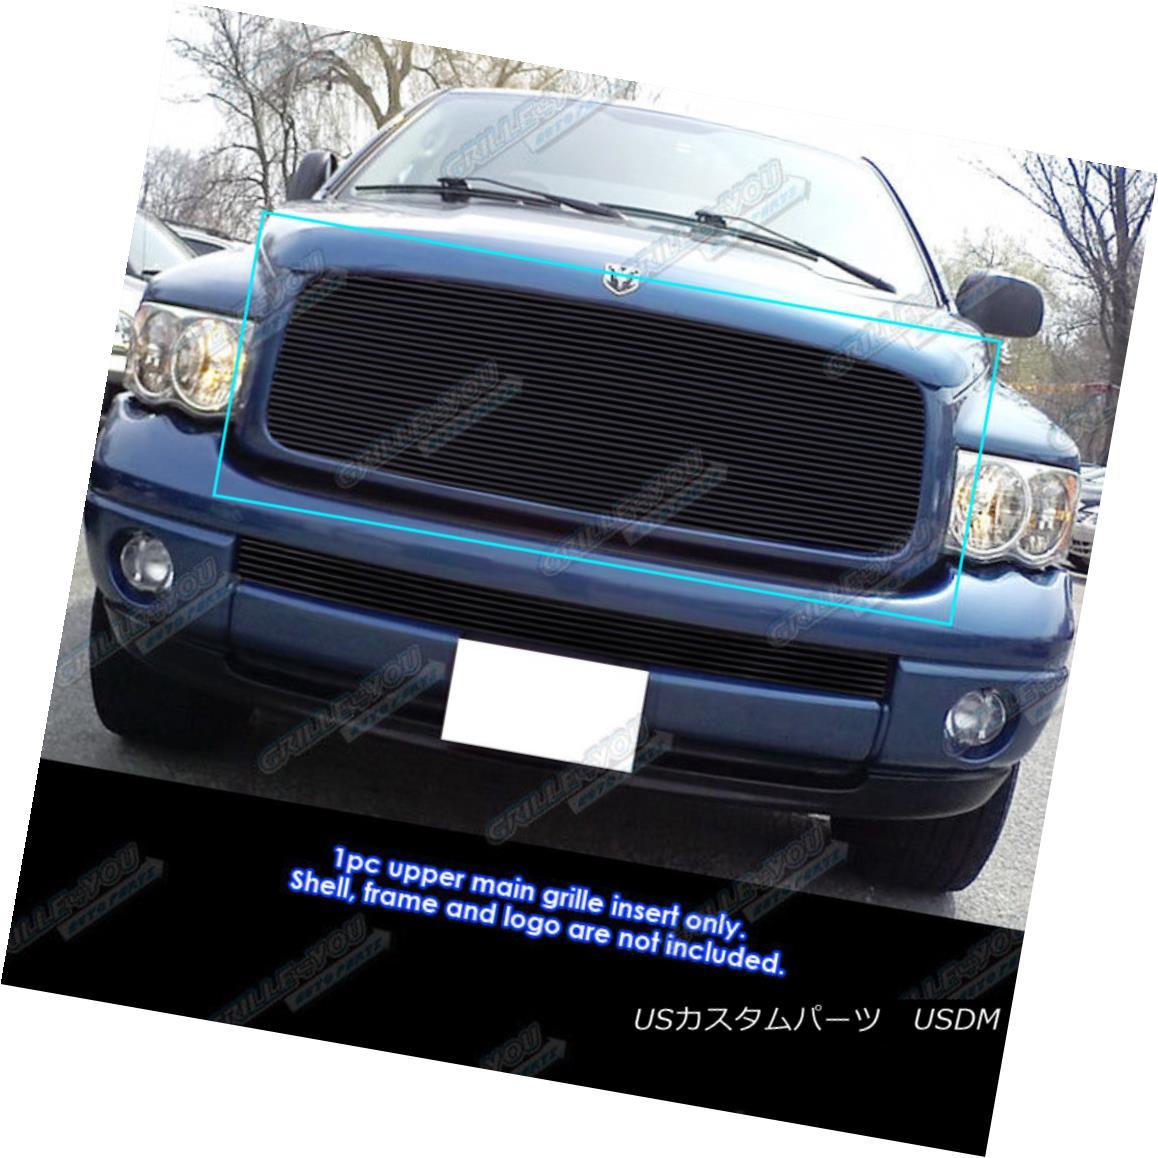 グリル Fits 2002-2005 Dodge Ram 1500/2500/3500 Black Billet Grille Insert フィット2002-2005ダッジラム1500/2500/3500ブラックビレットグリルインサート